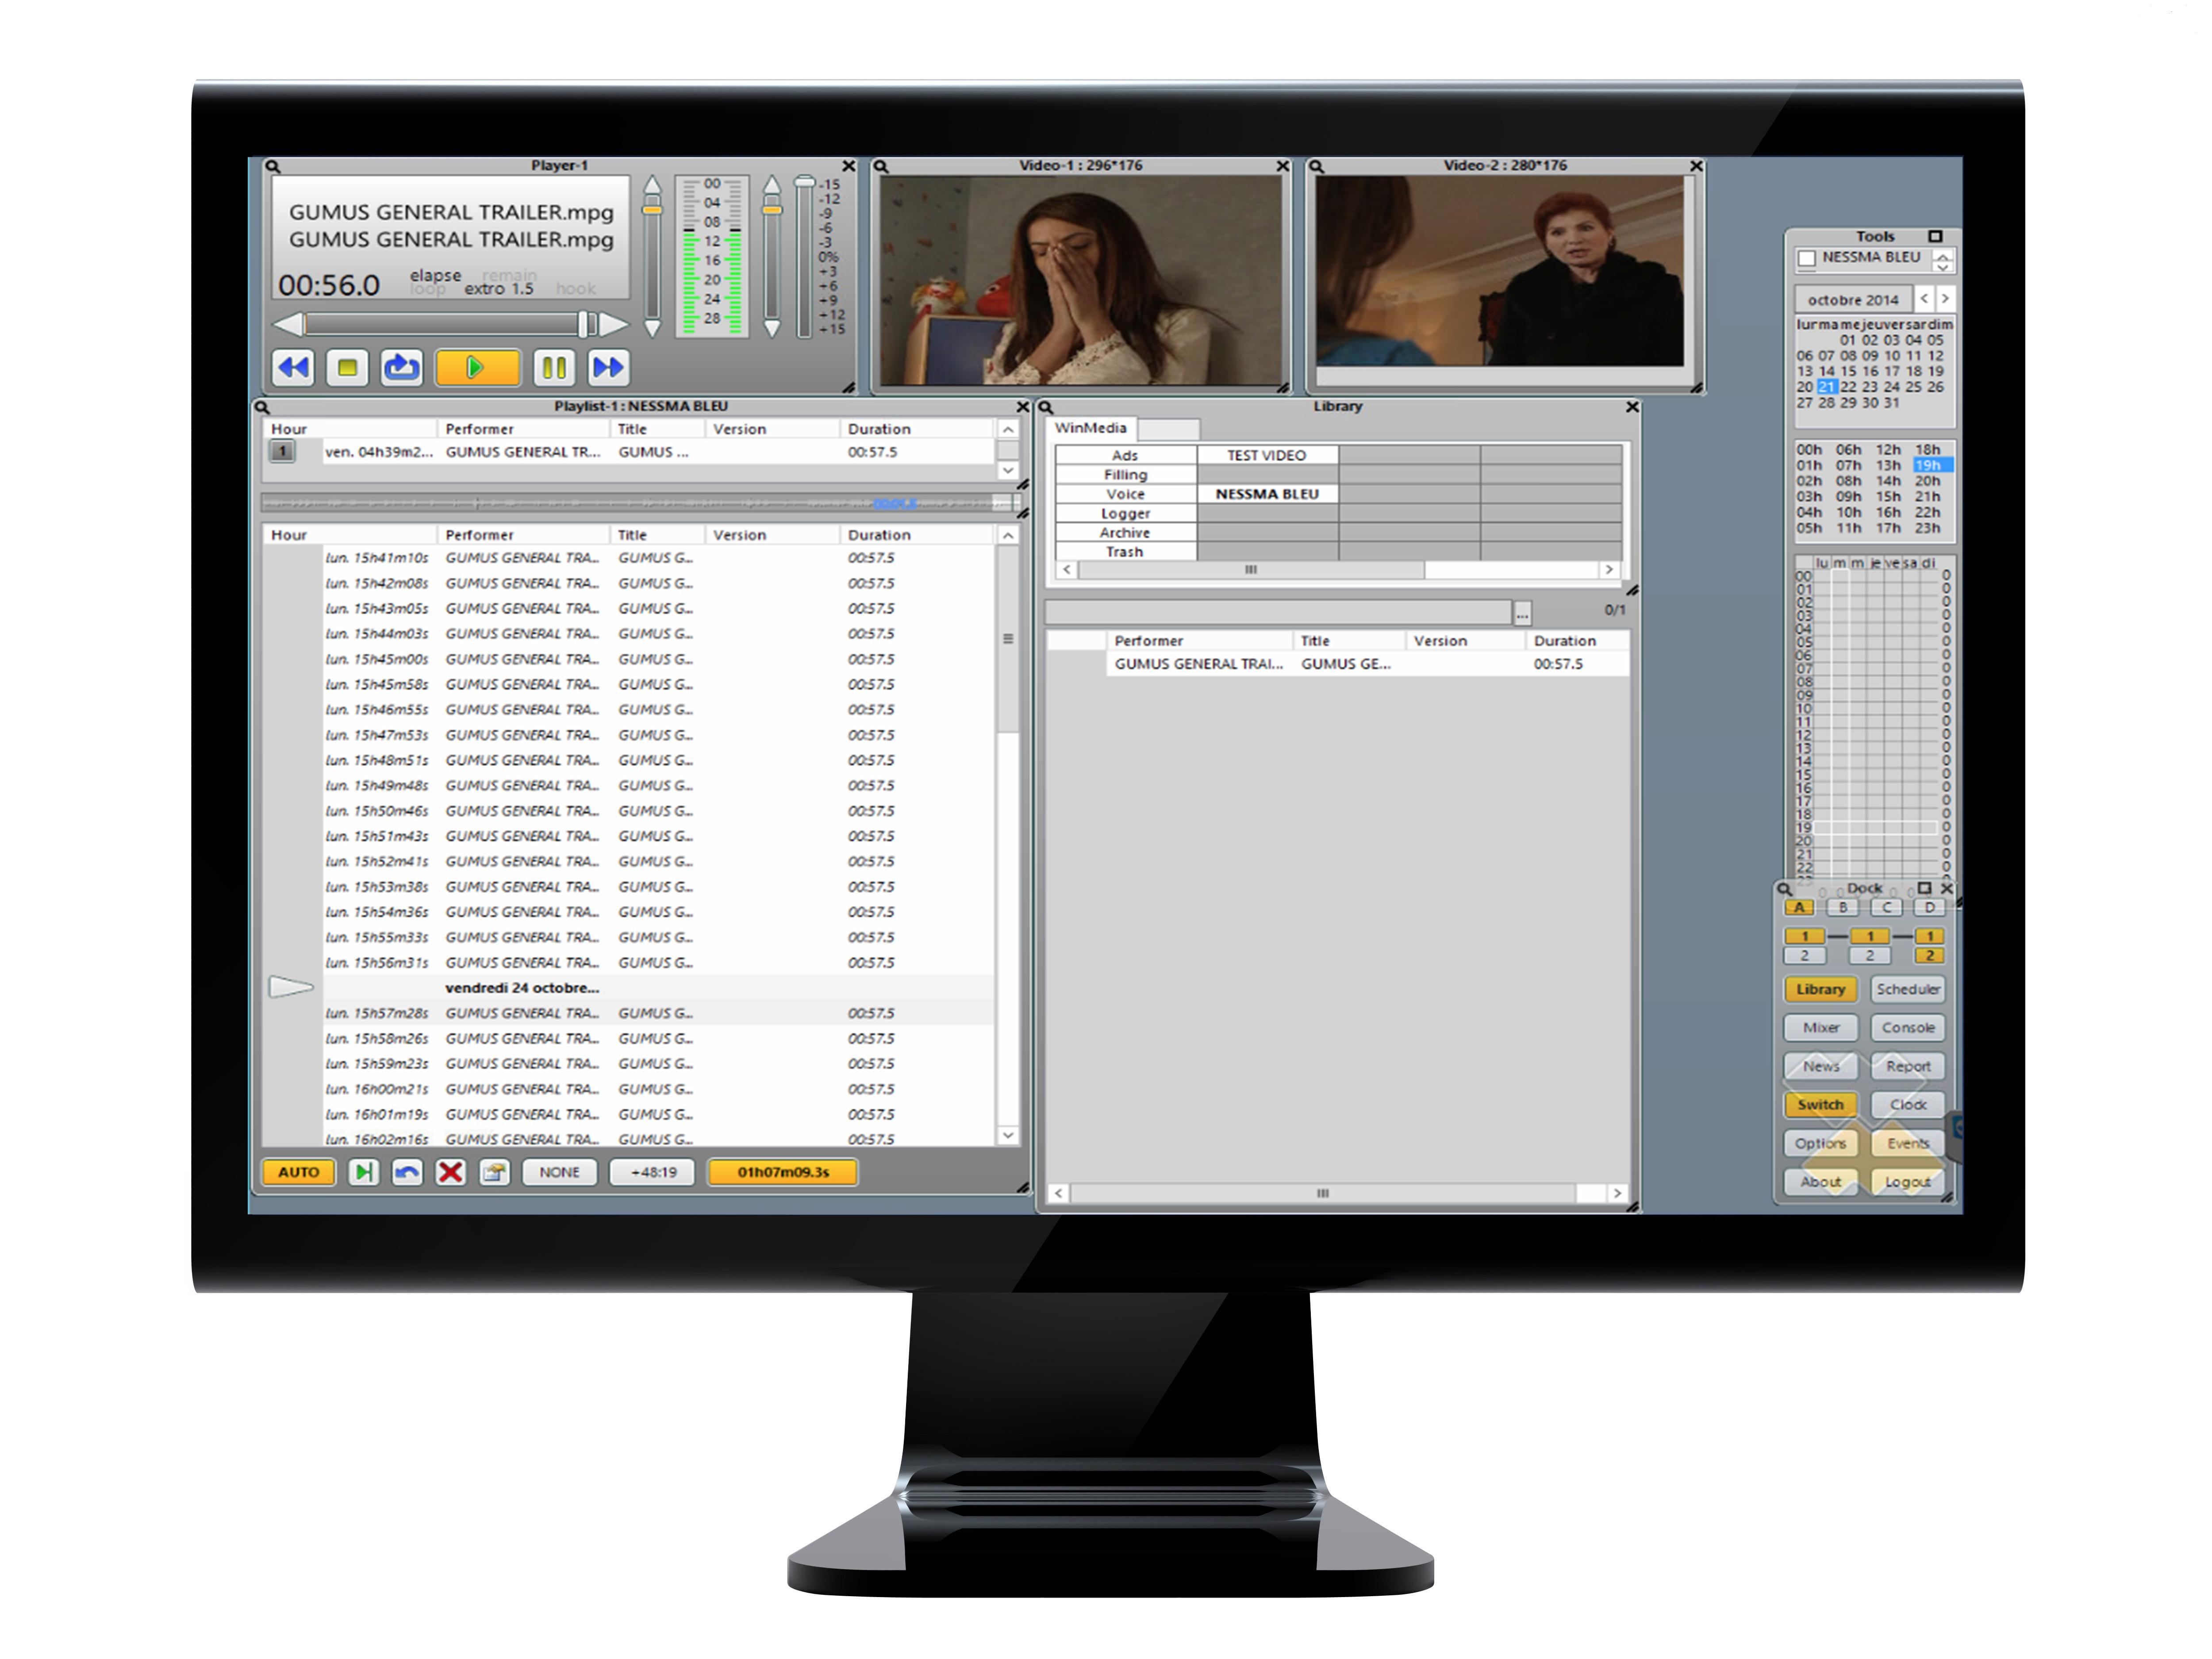 Globecast et WinMedia s'associent pour fournir une solution clé en main